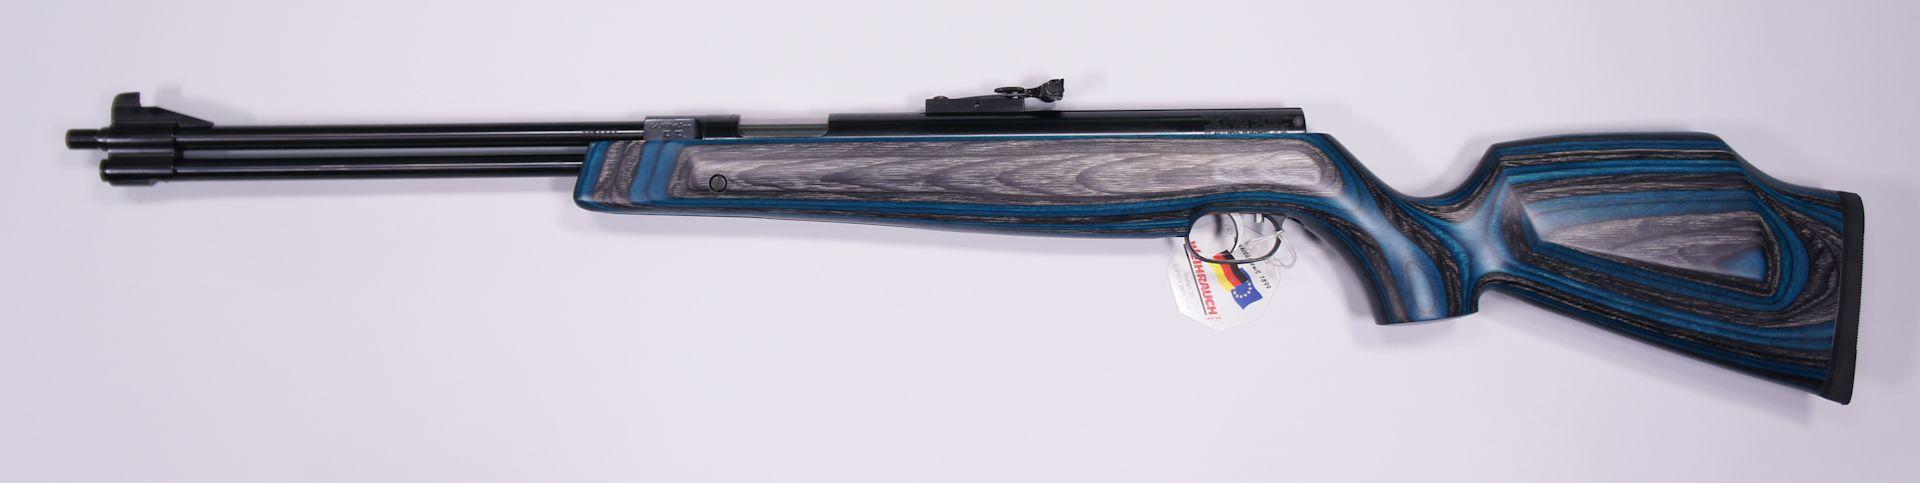 Luftgewehr HW 77 K mit Laufgewinde und Schalldämpfer im blauen Schichtholzschaft